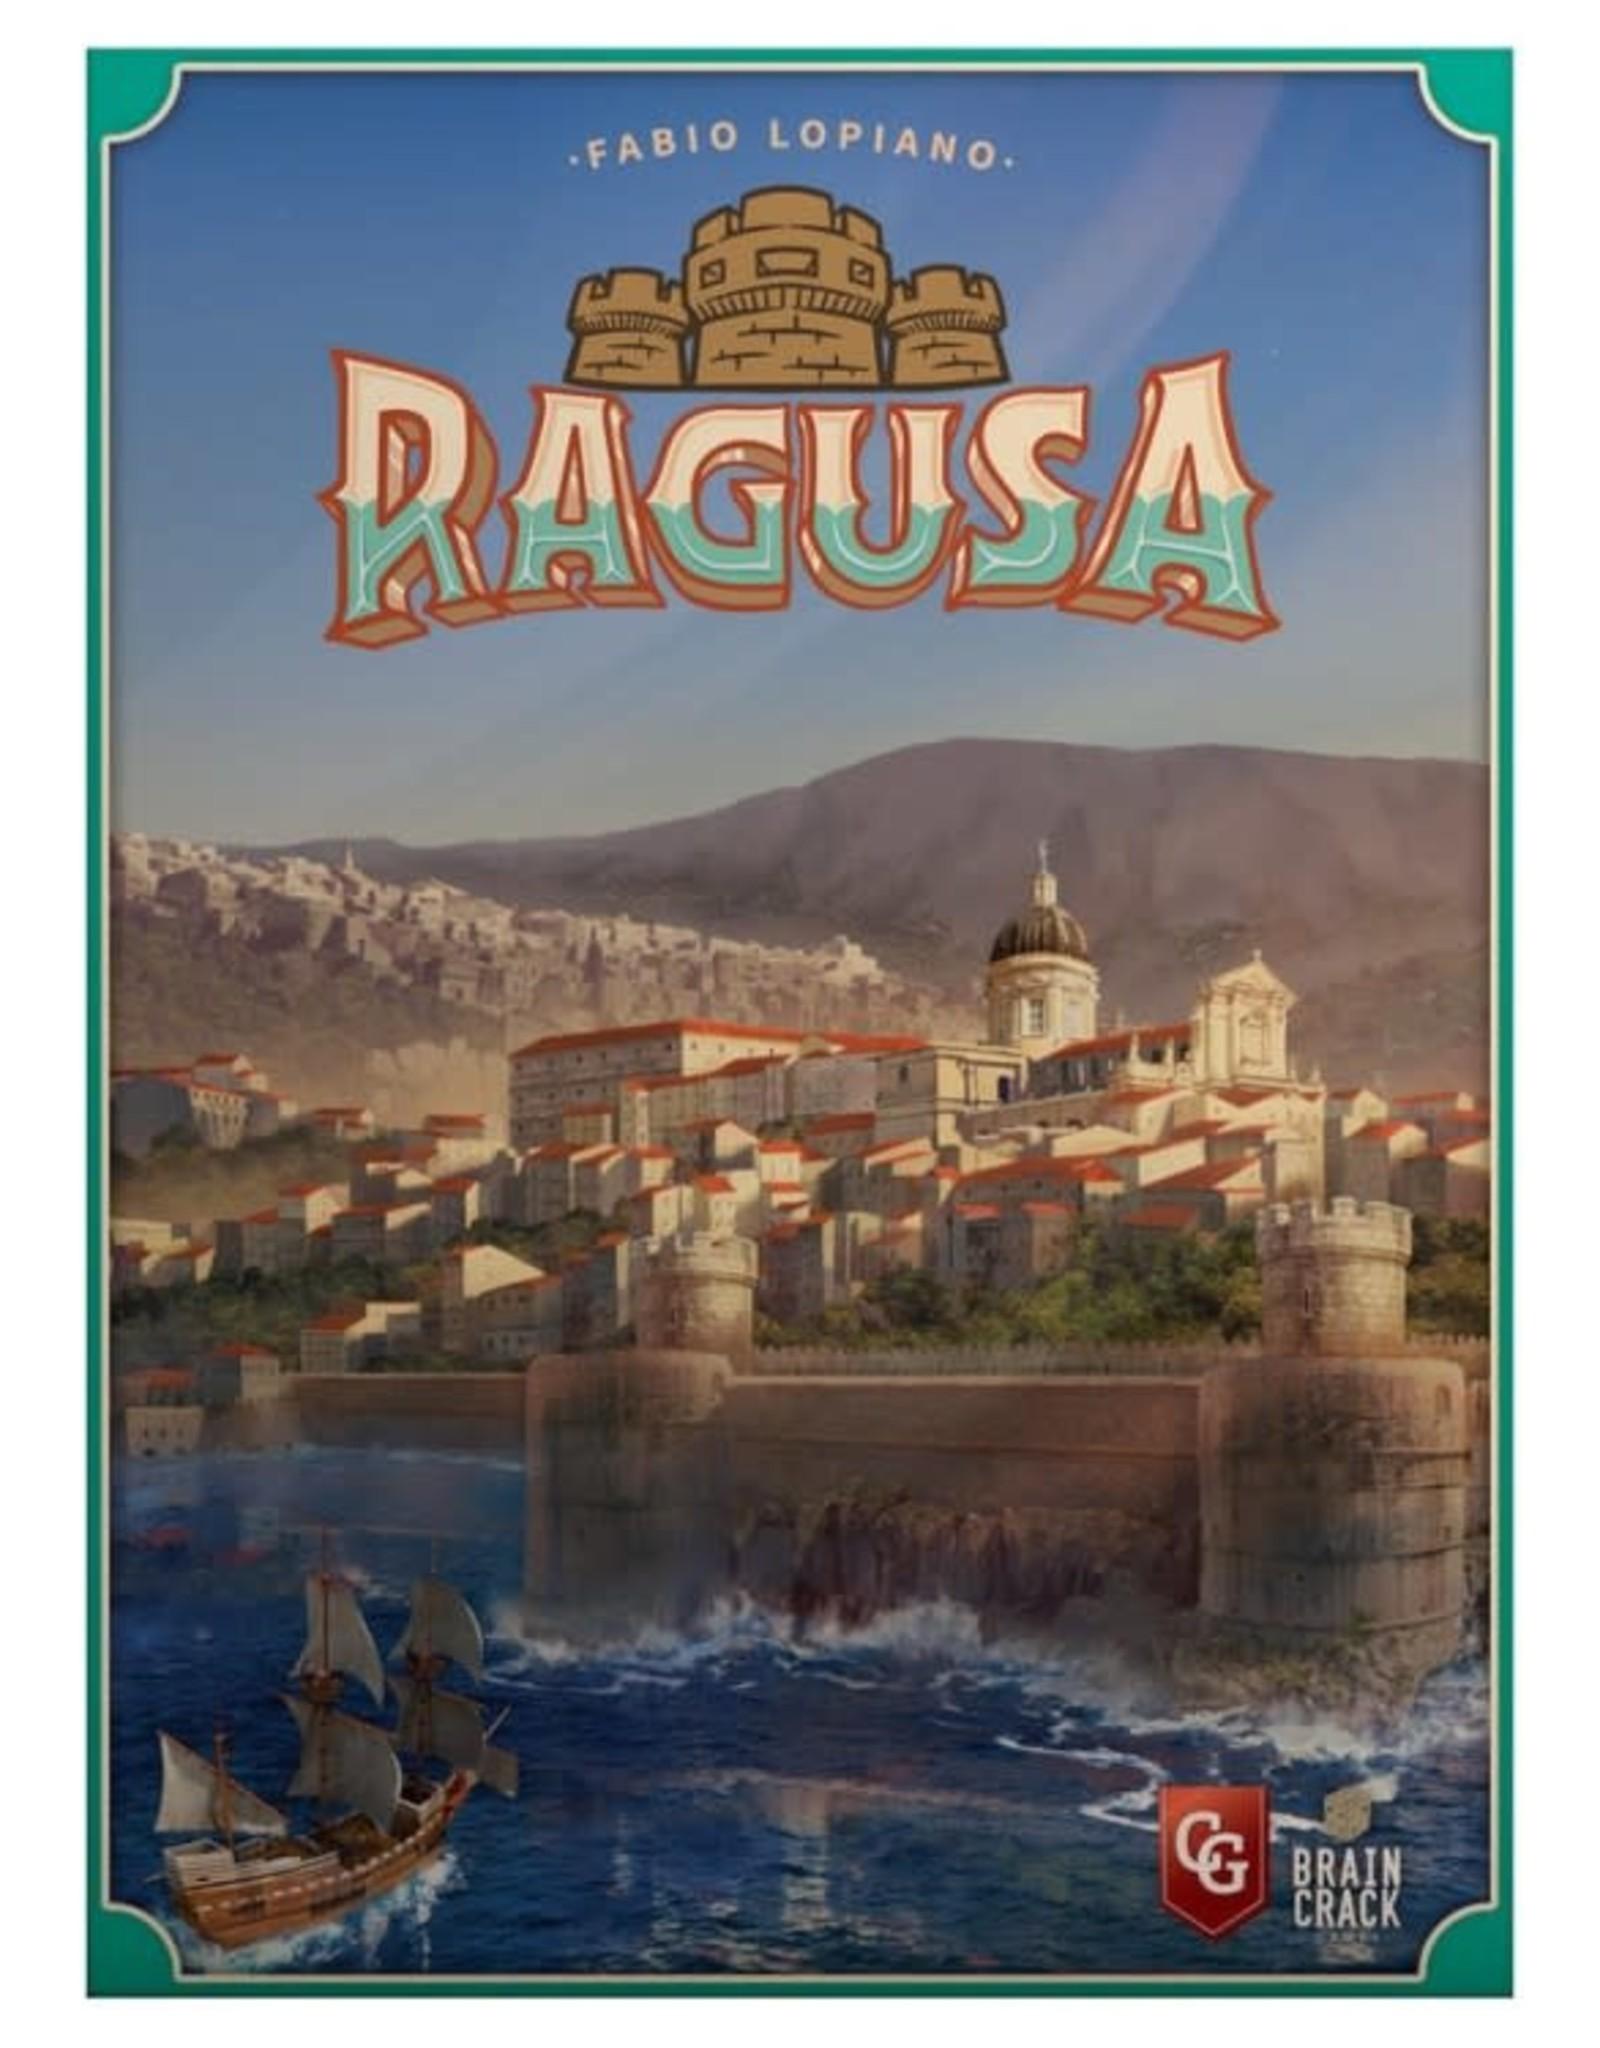 RENTAL - Ragusa 3 Lb 2.6 oz